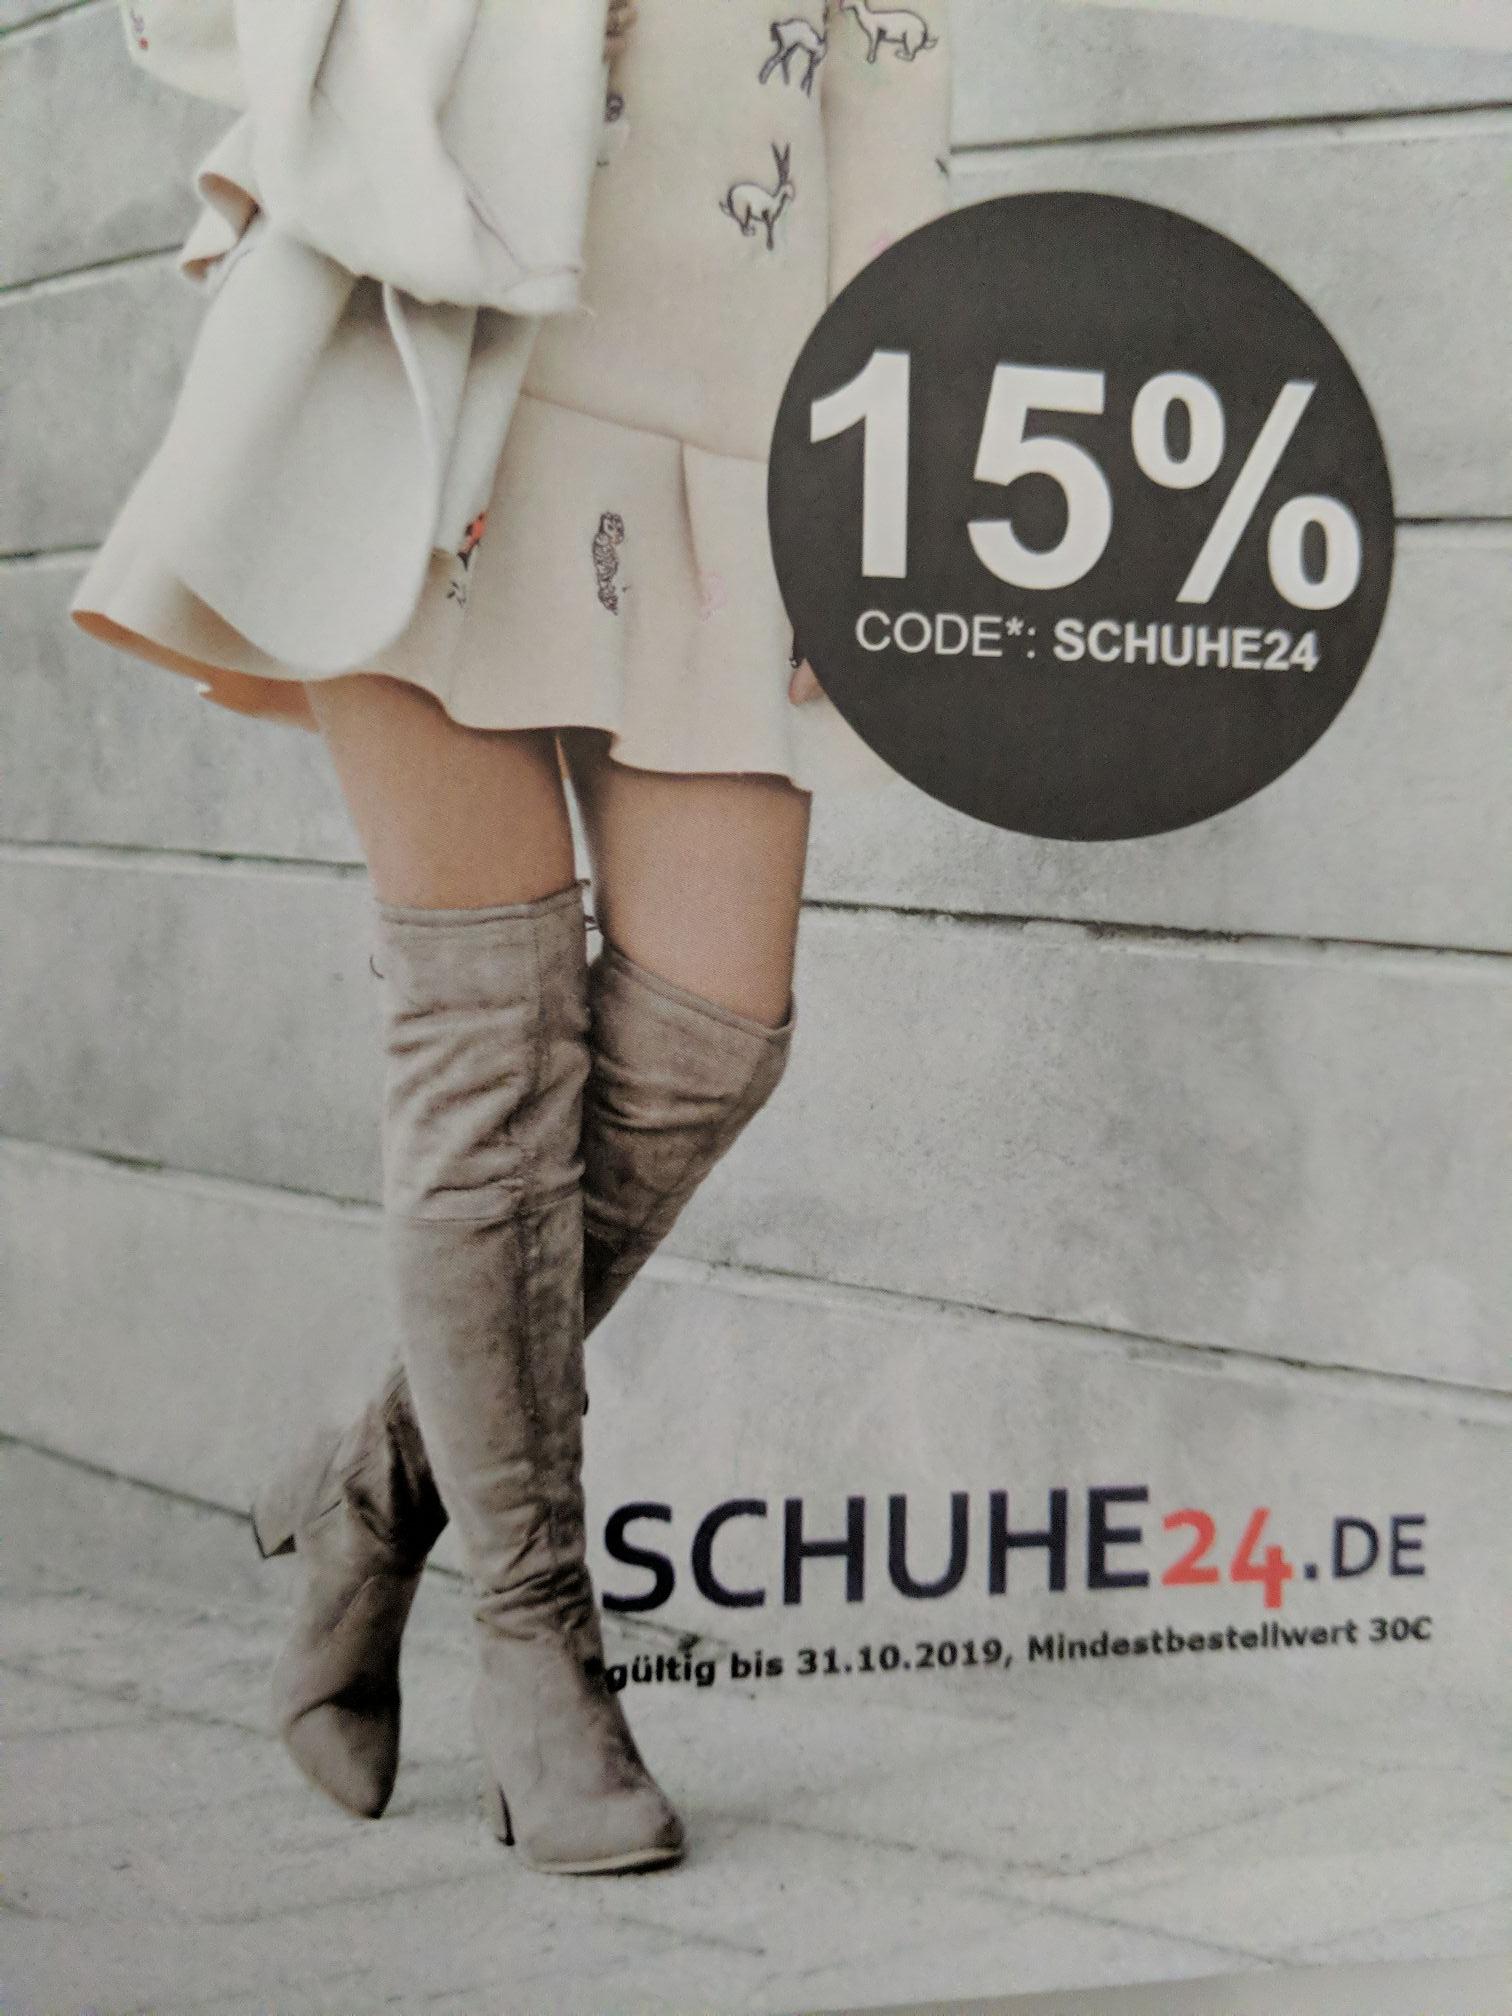 15% Schuhe24 Gutschein (MBW: 30€)